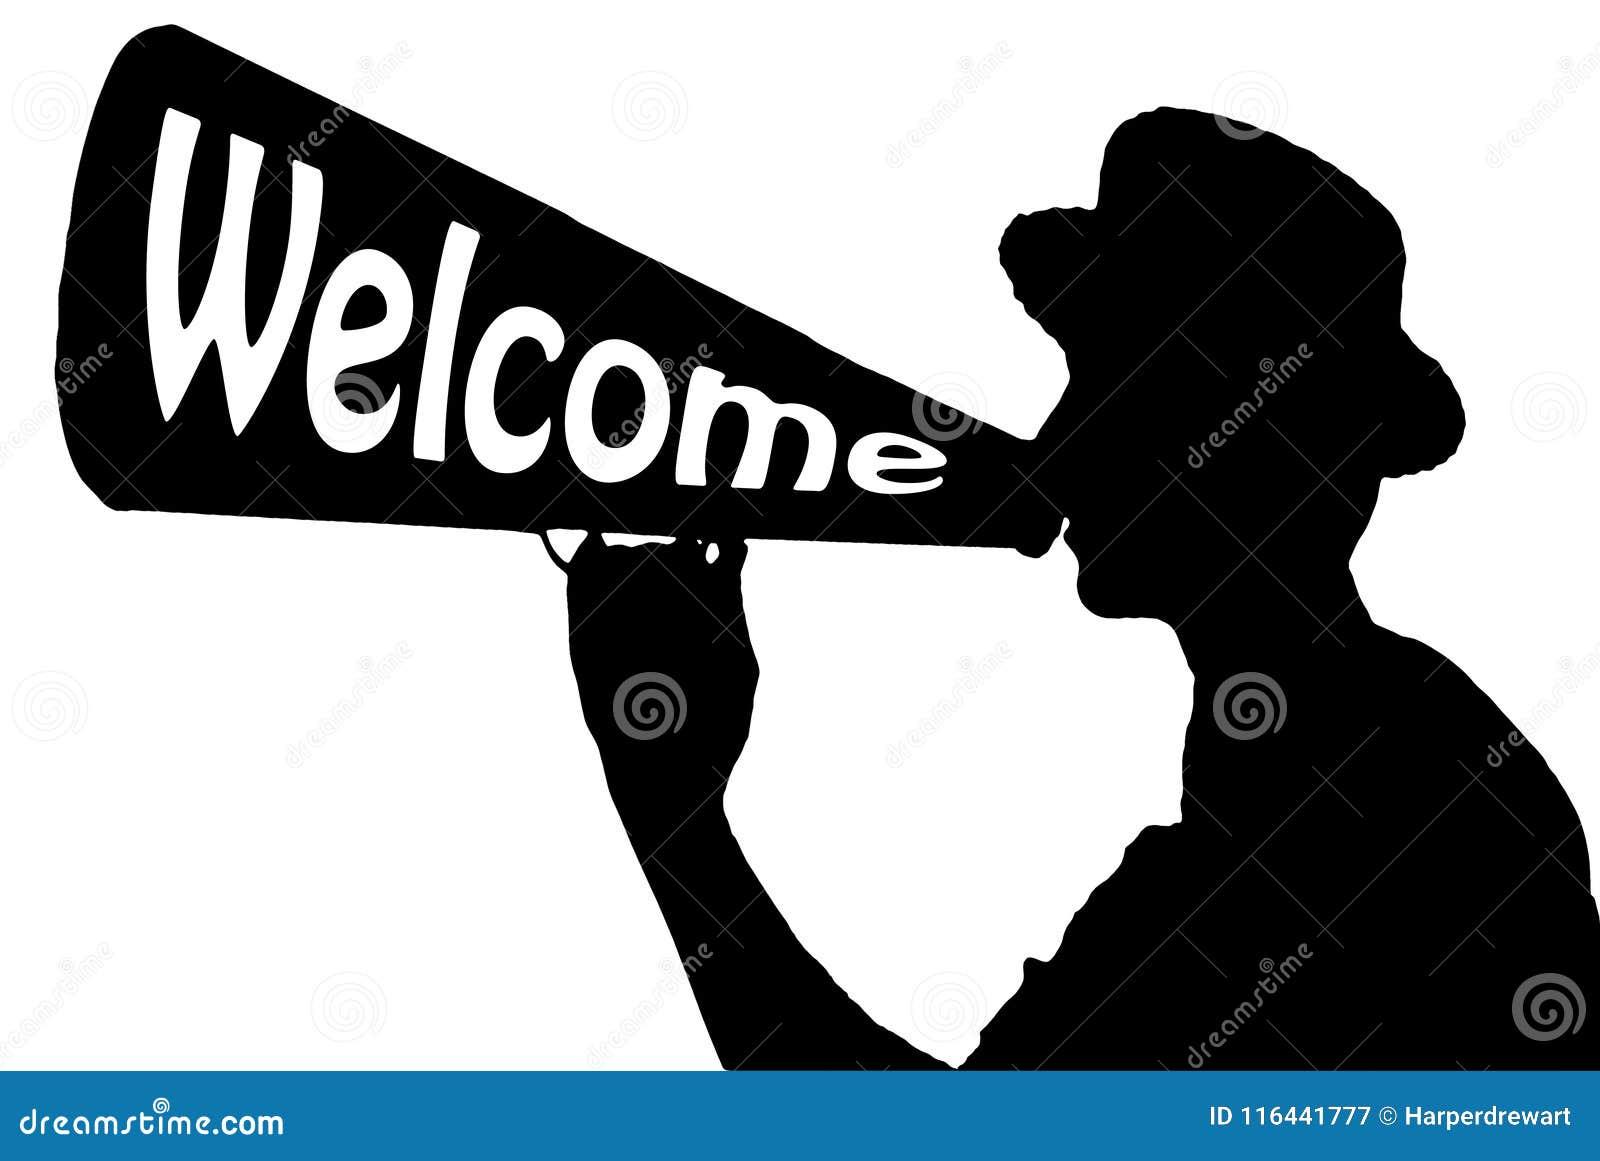 Hallåman för Hello välkomnandeberöm med megafonen